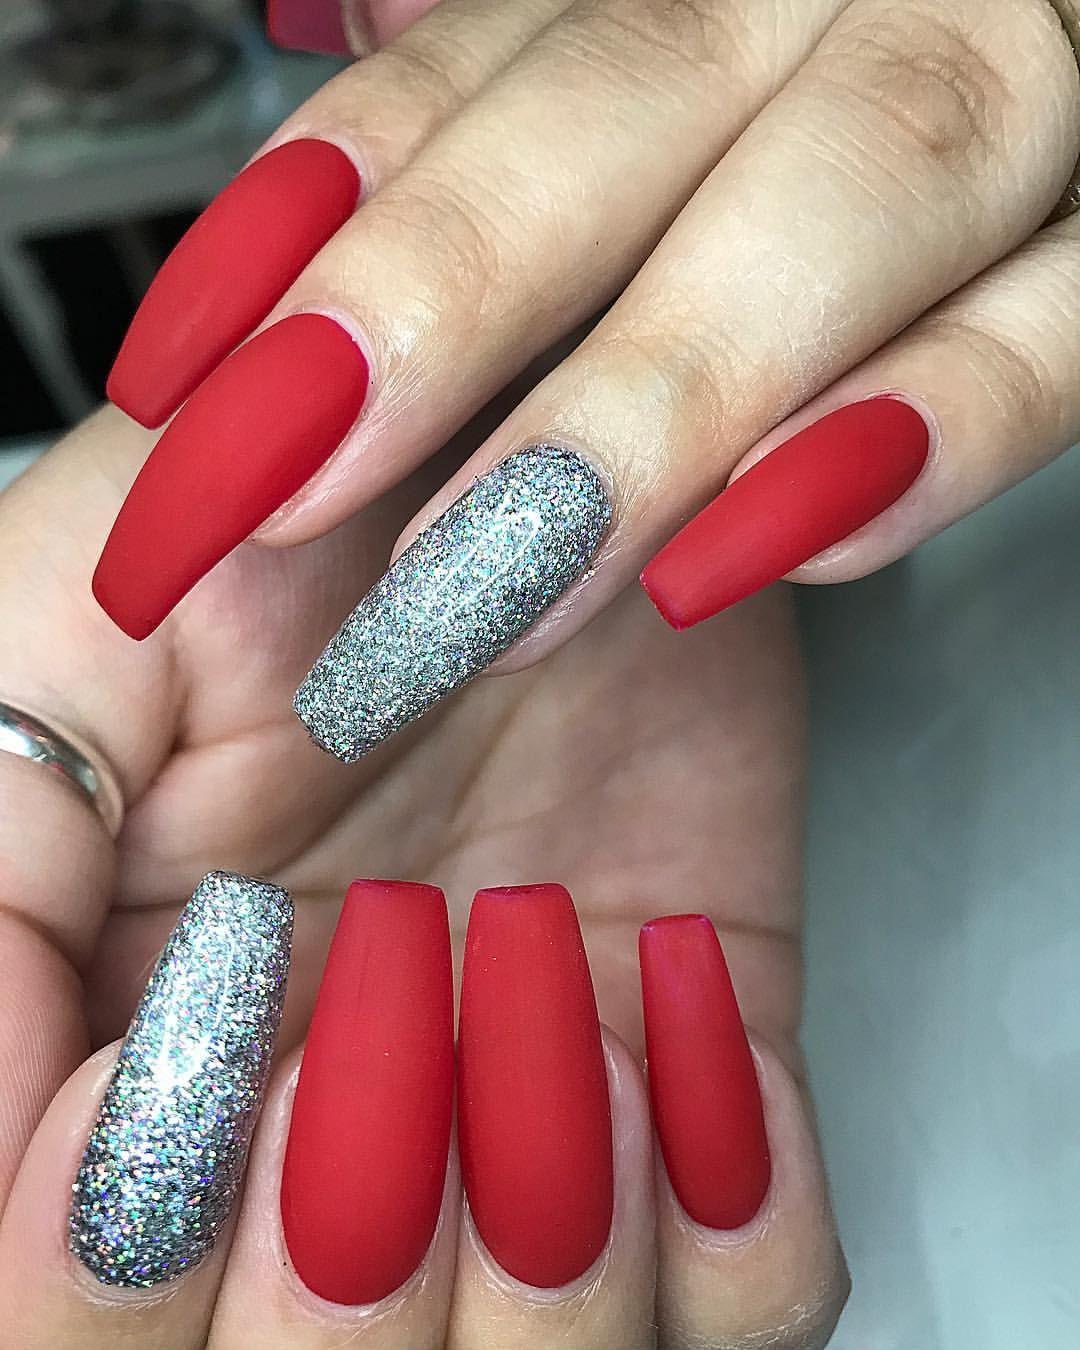 Pin by Lila Berg on Nails | Pinterest | Nail nail, Makeup and Coffin ...